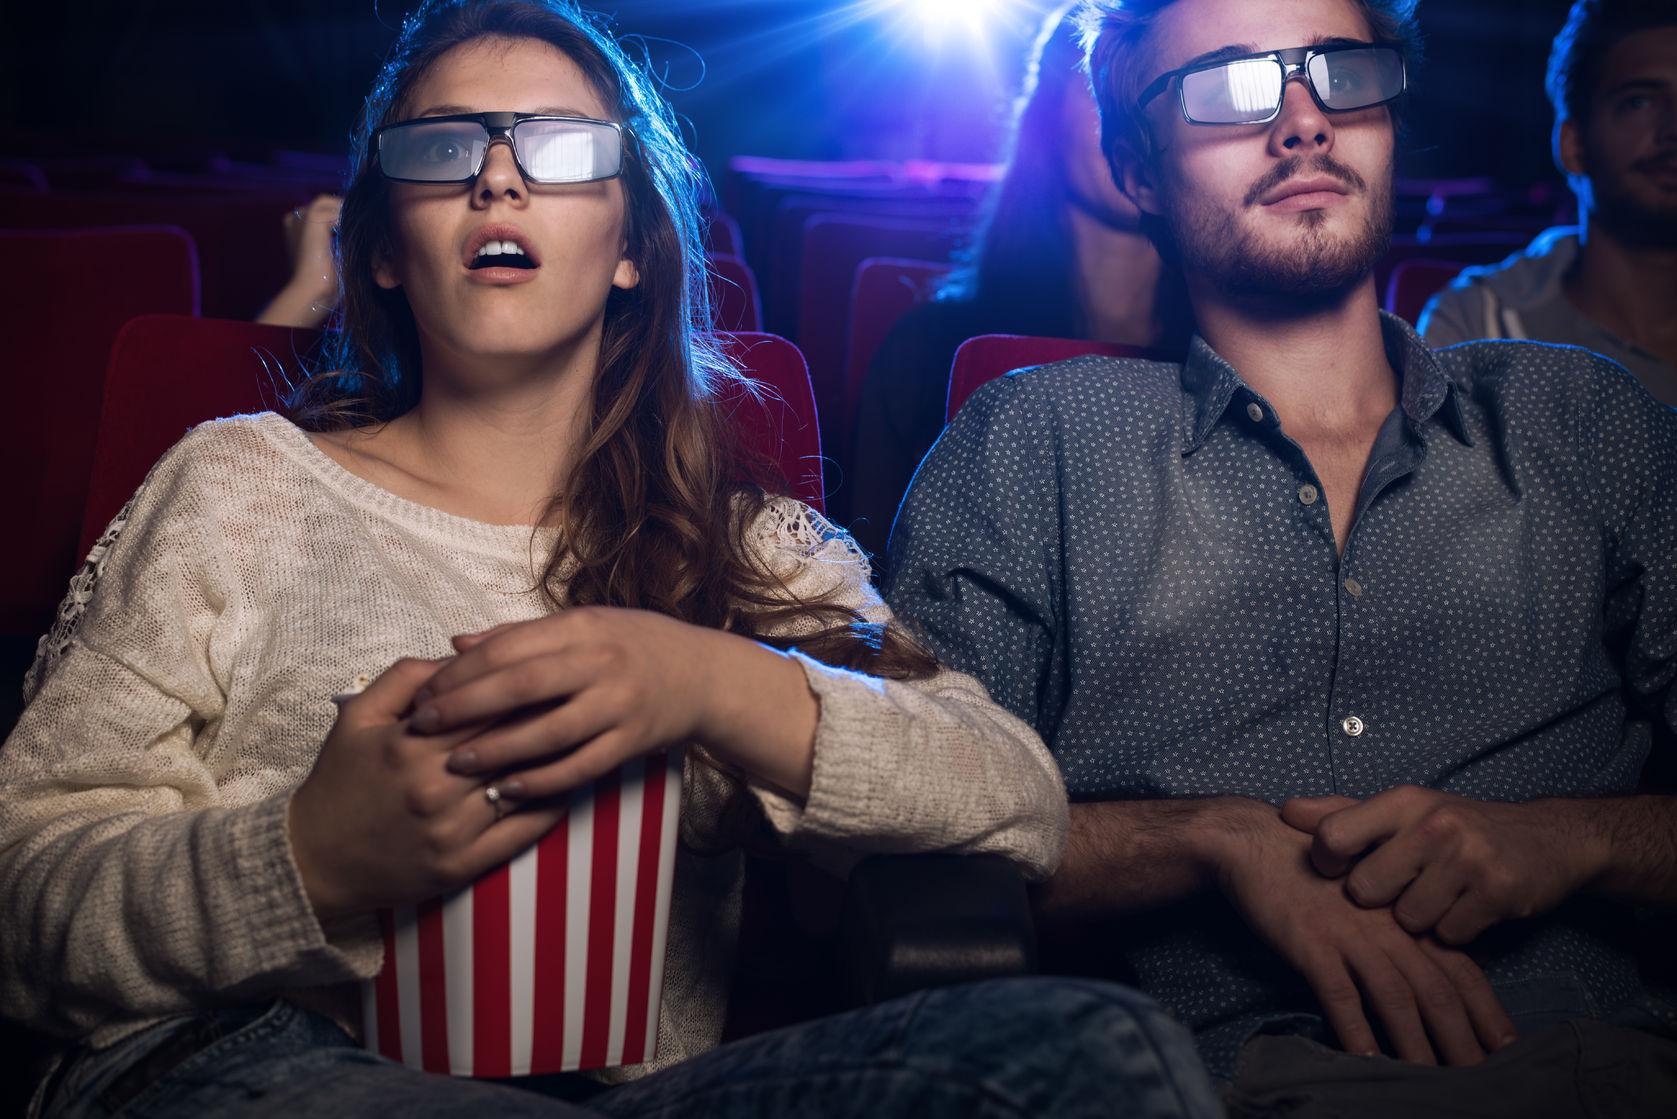 Pareja de jóvenes en cine